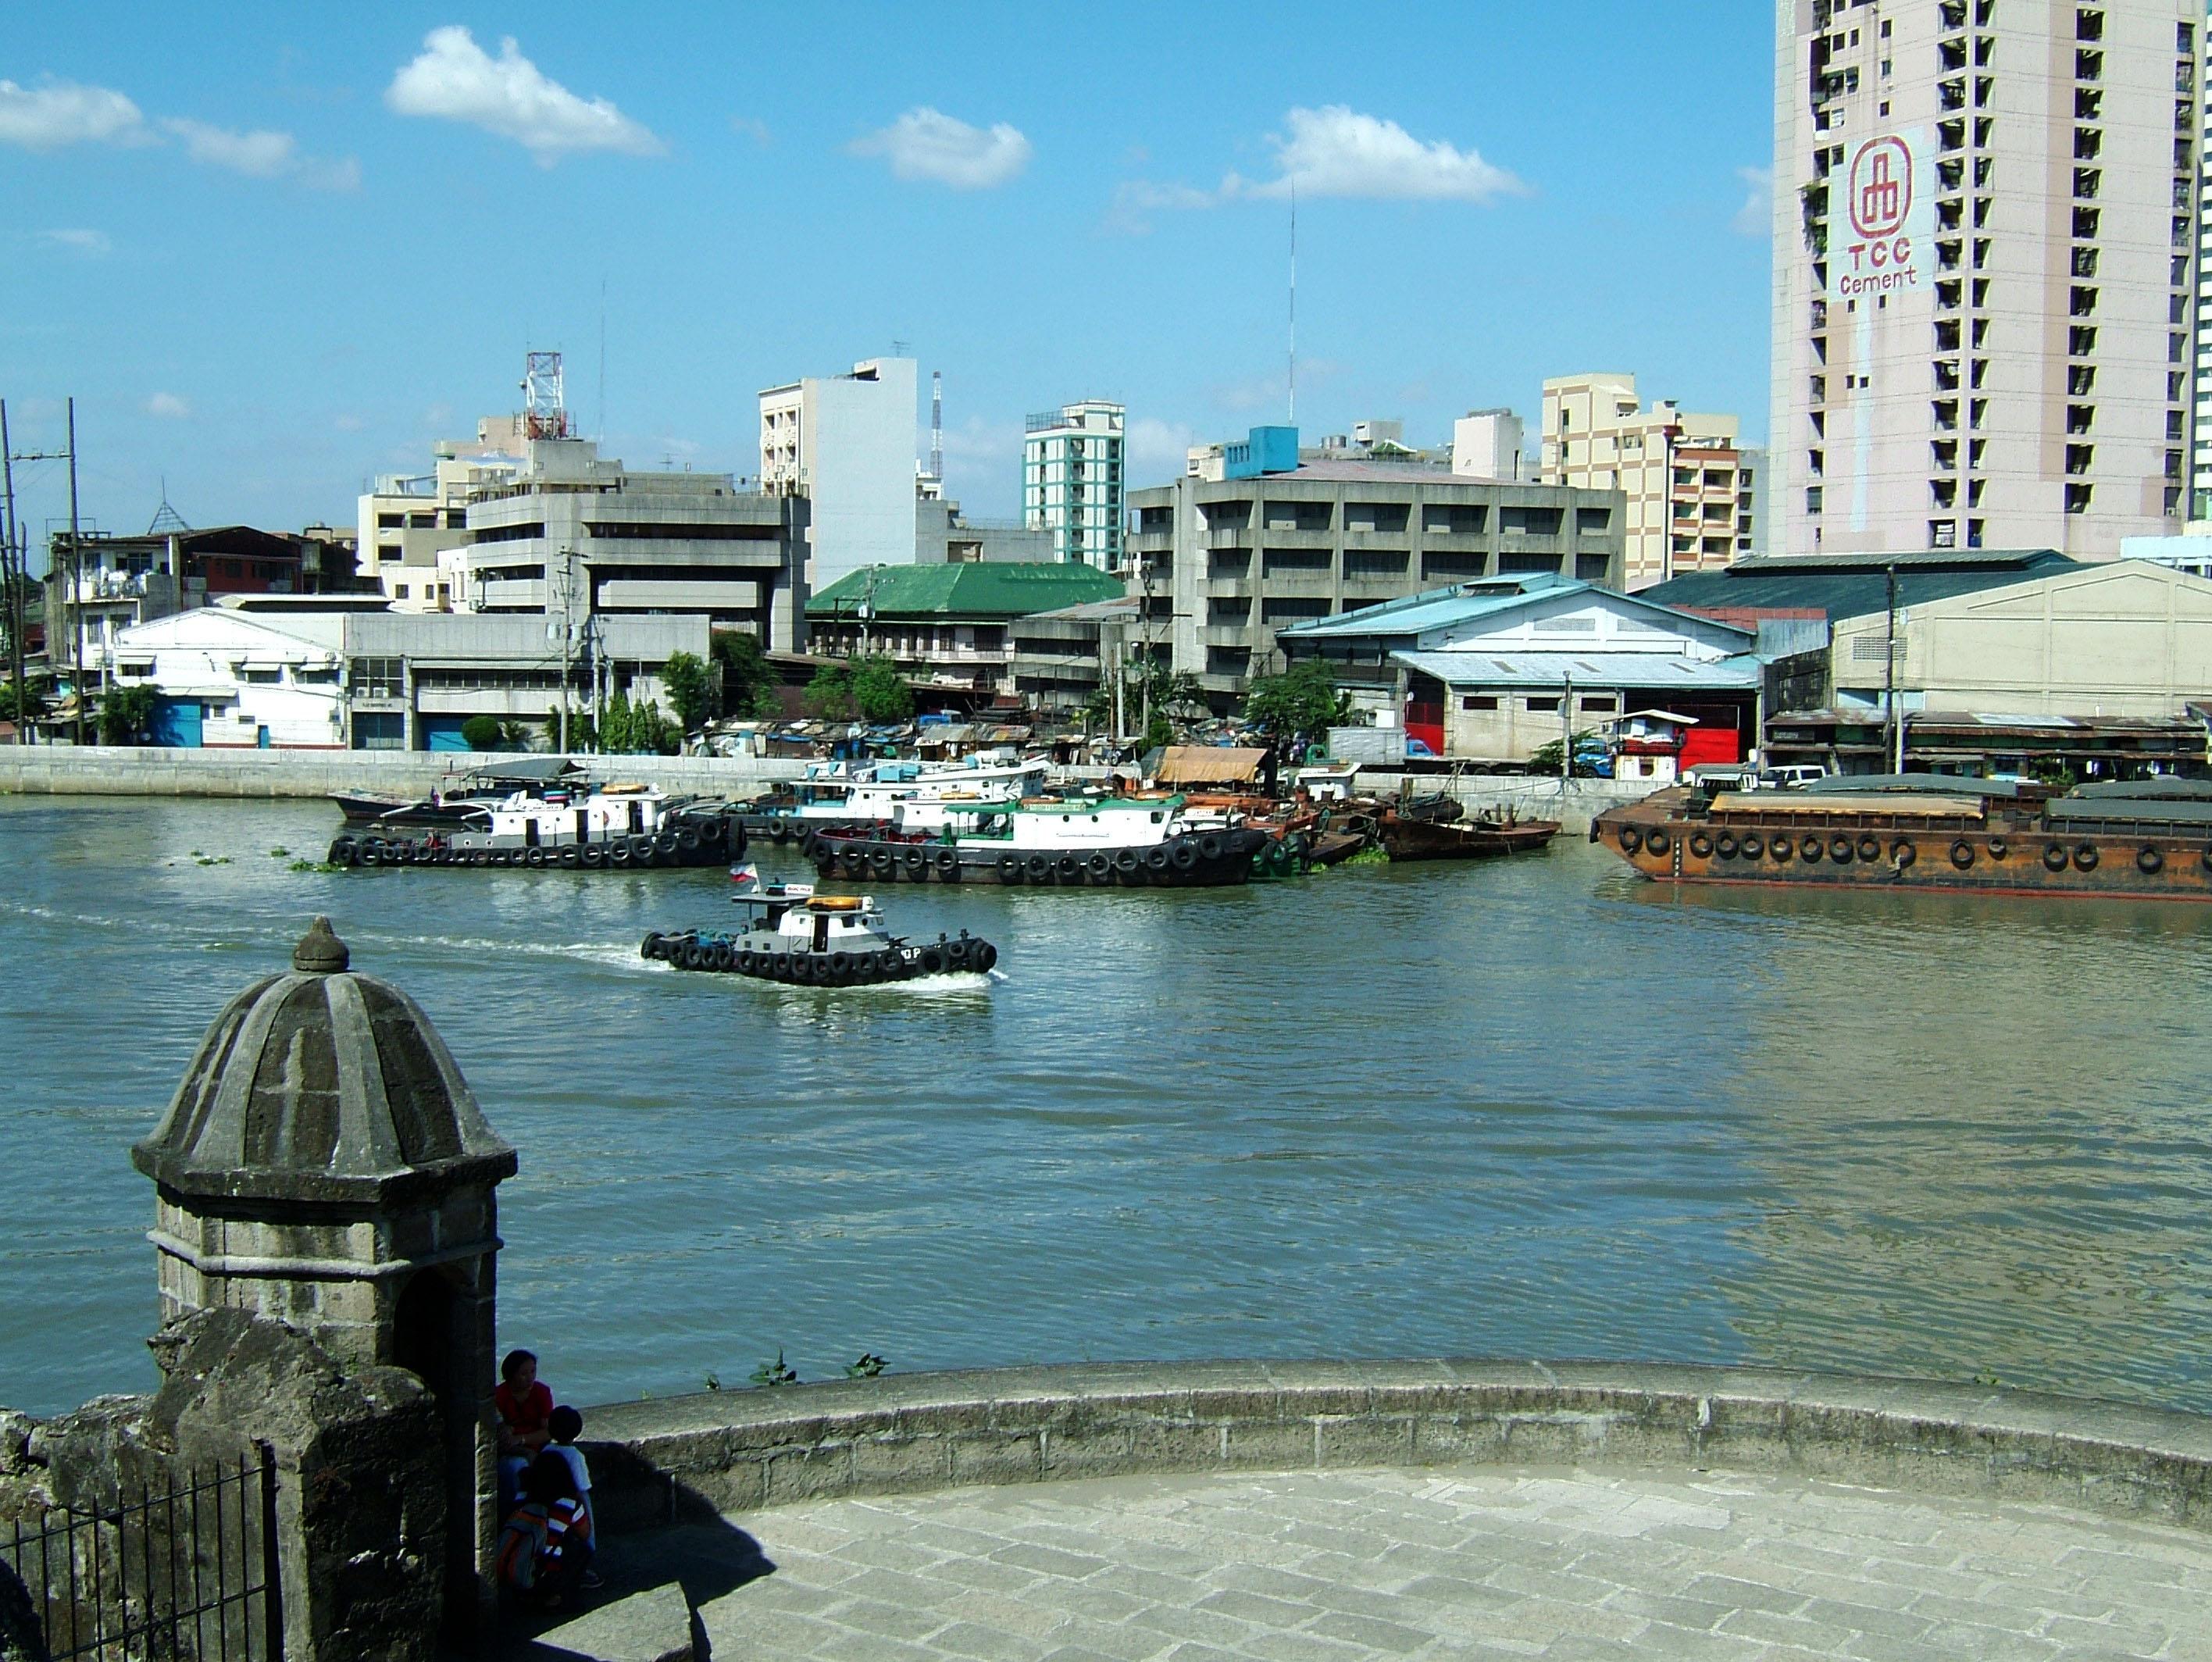 Philippines Luzon Manila Fort Santiago Pasig river Dec 2003 03